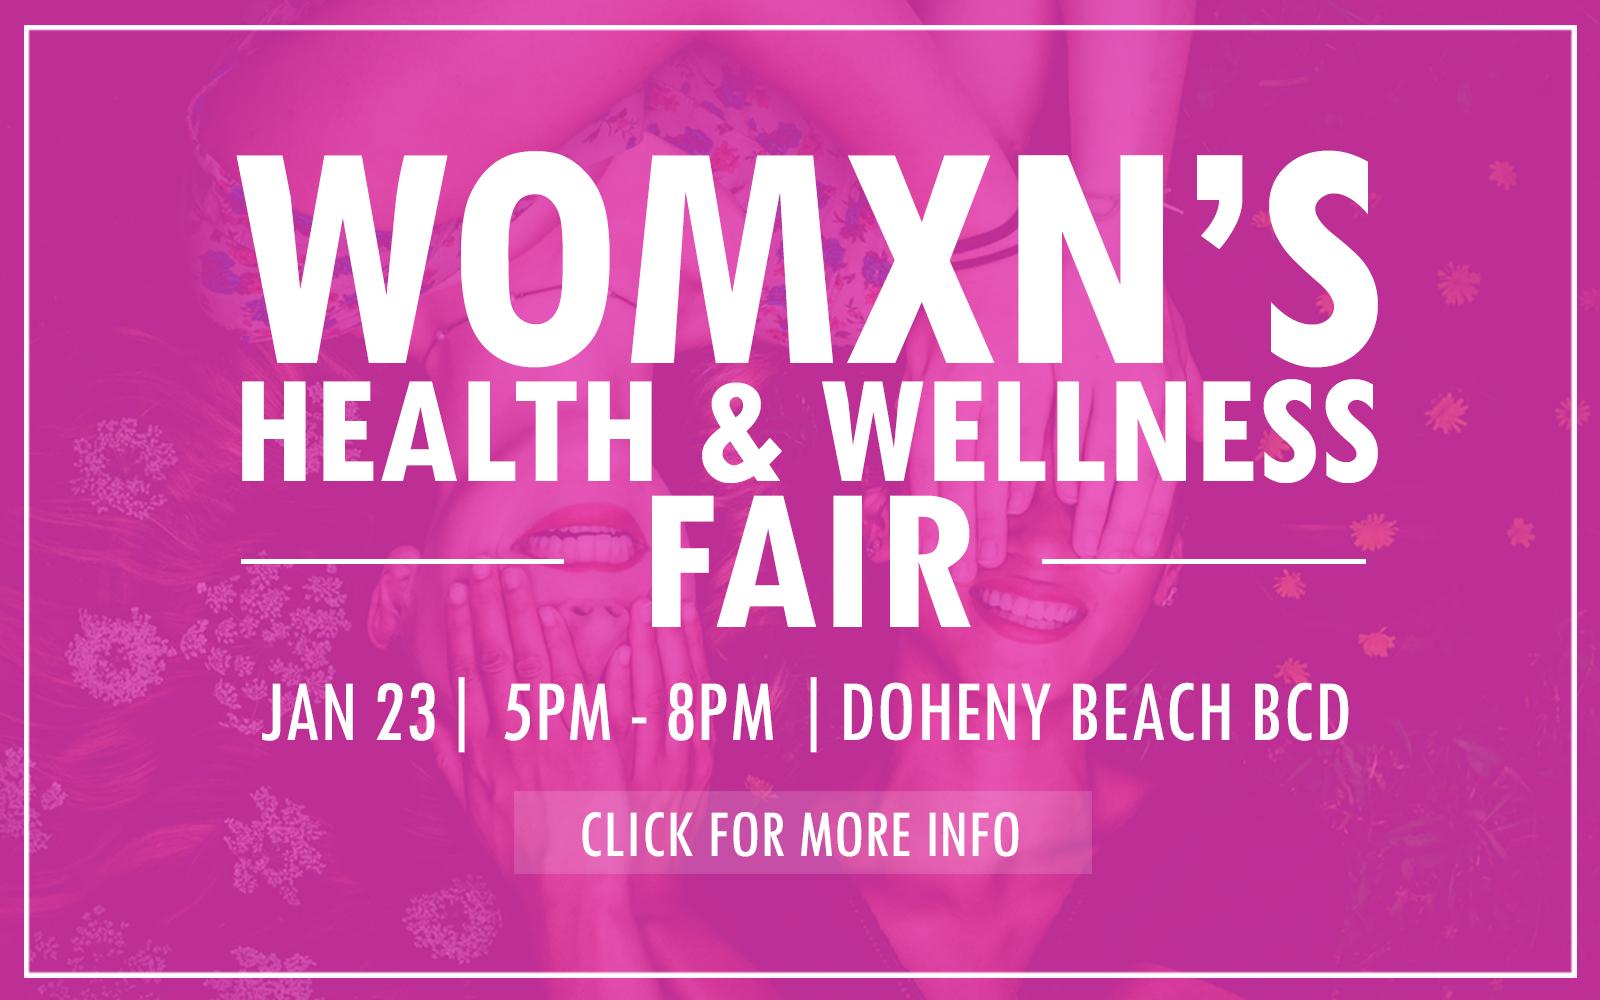 Womxn's Health Fair Website Slider